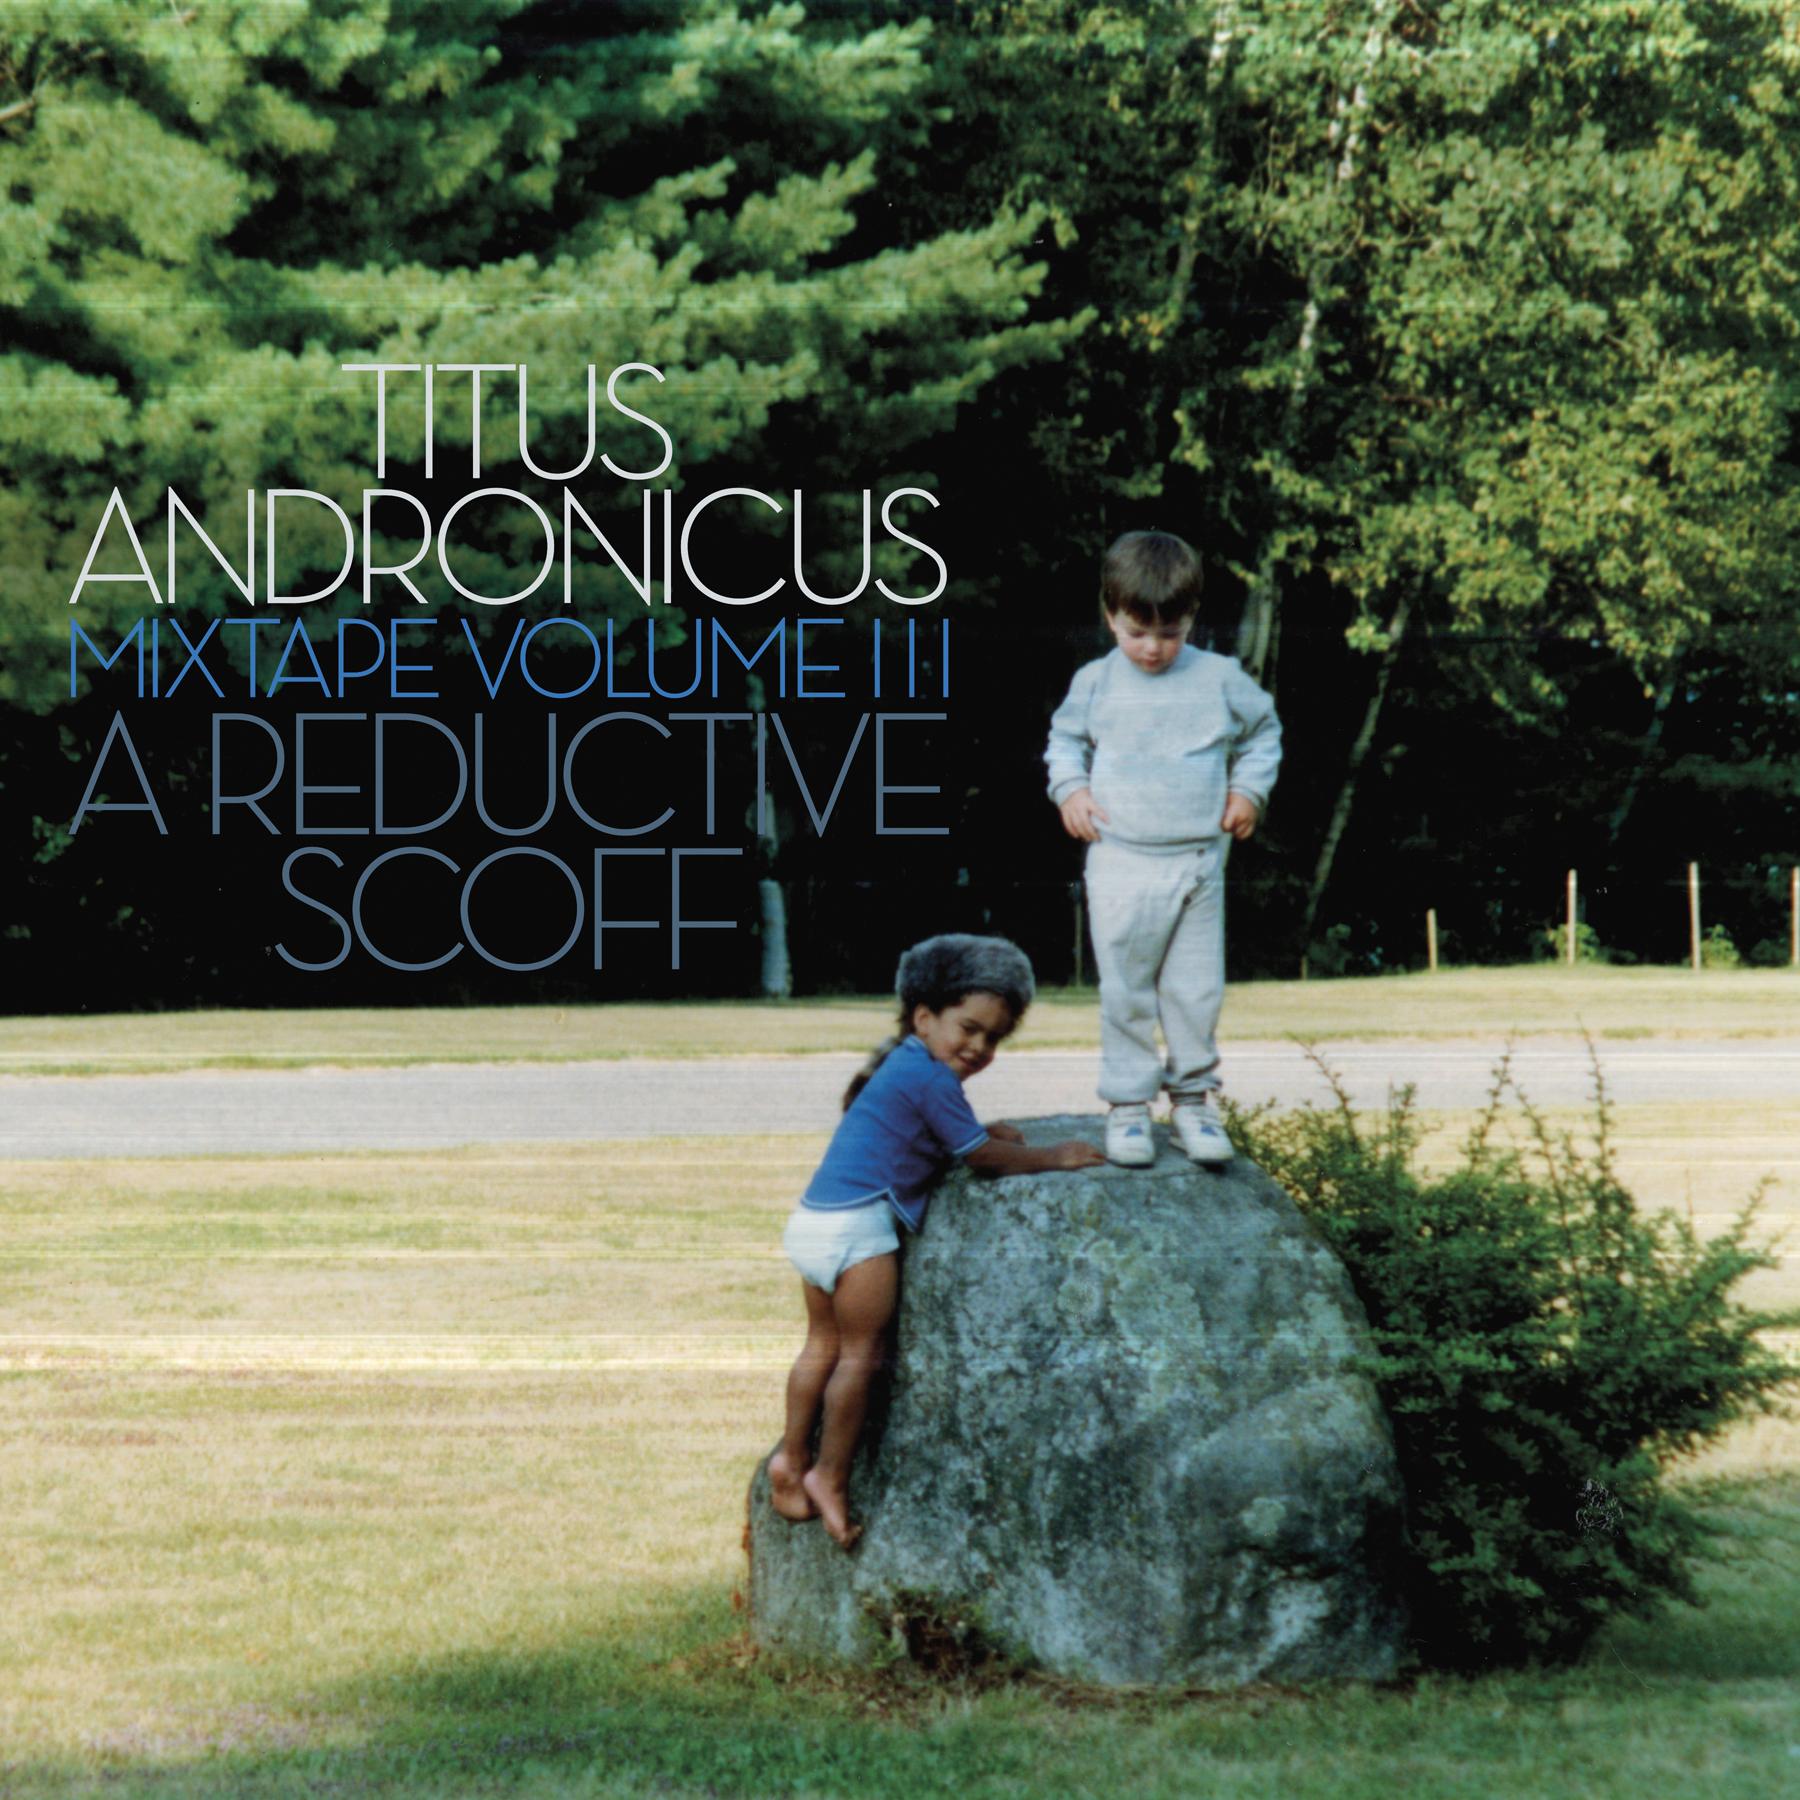 Titus Andronicus Mixtape Volume III A Reductive Scoff Album Cover Artwork